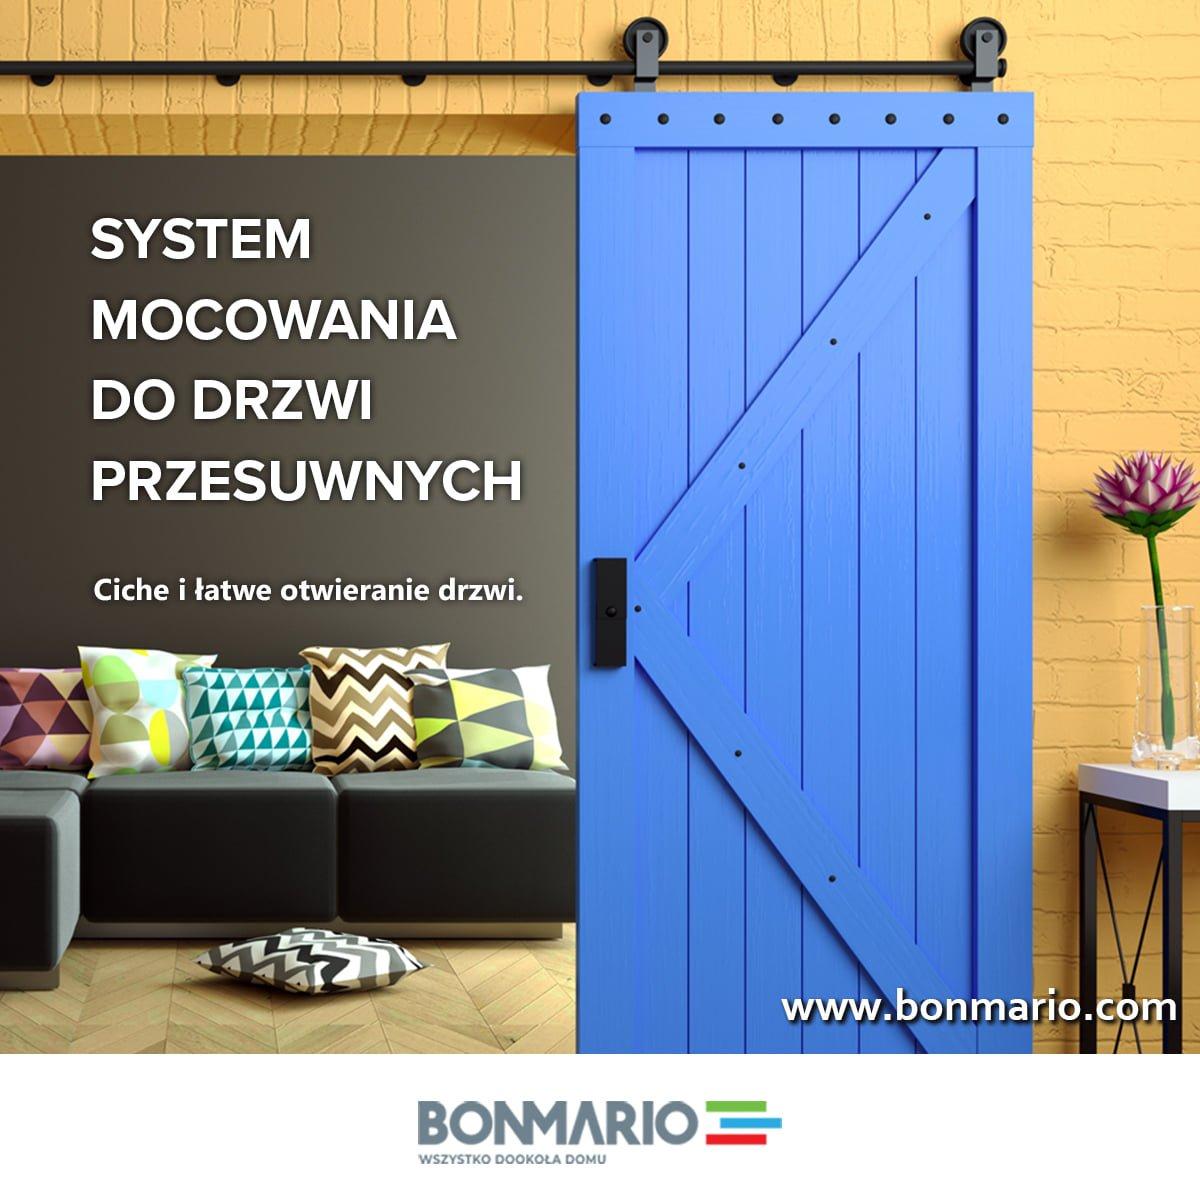 Wybierz system drzwi przesuwnych w sklepie internetowym bonmario.com!